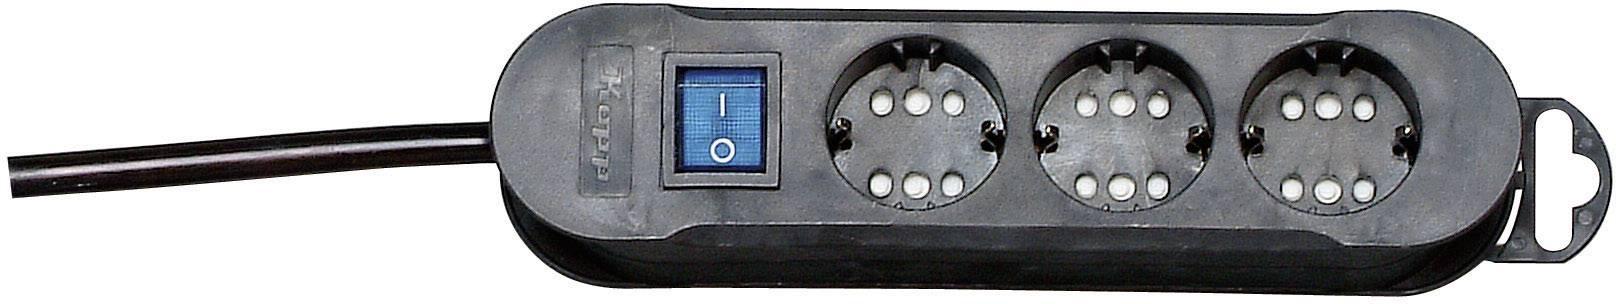 Zásuvková lišta se spínačem Kopp, 3 zásuvky, černá